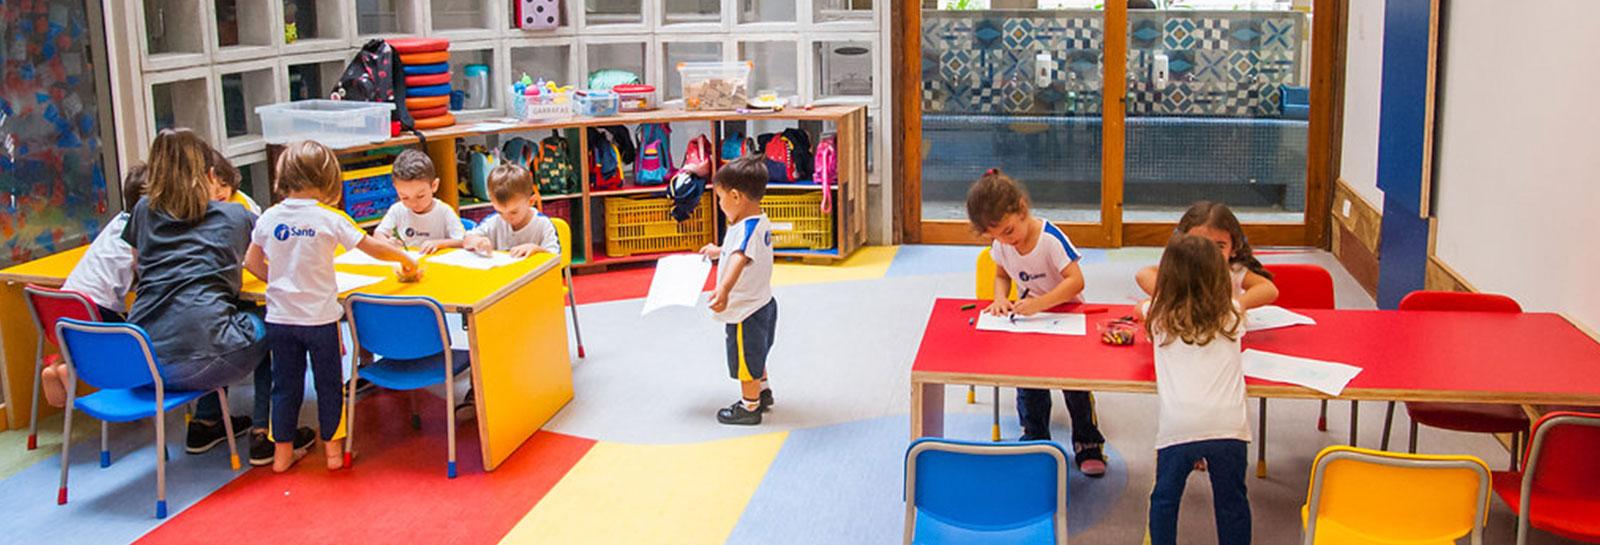 Escola Santi - Educação Infantil